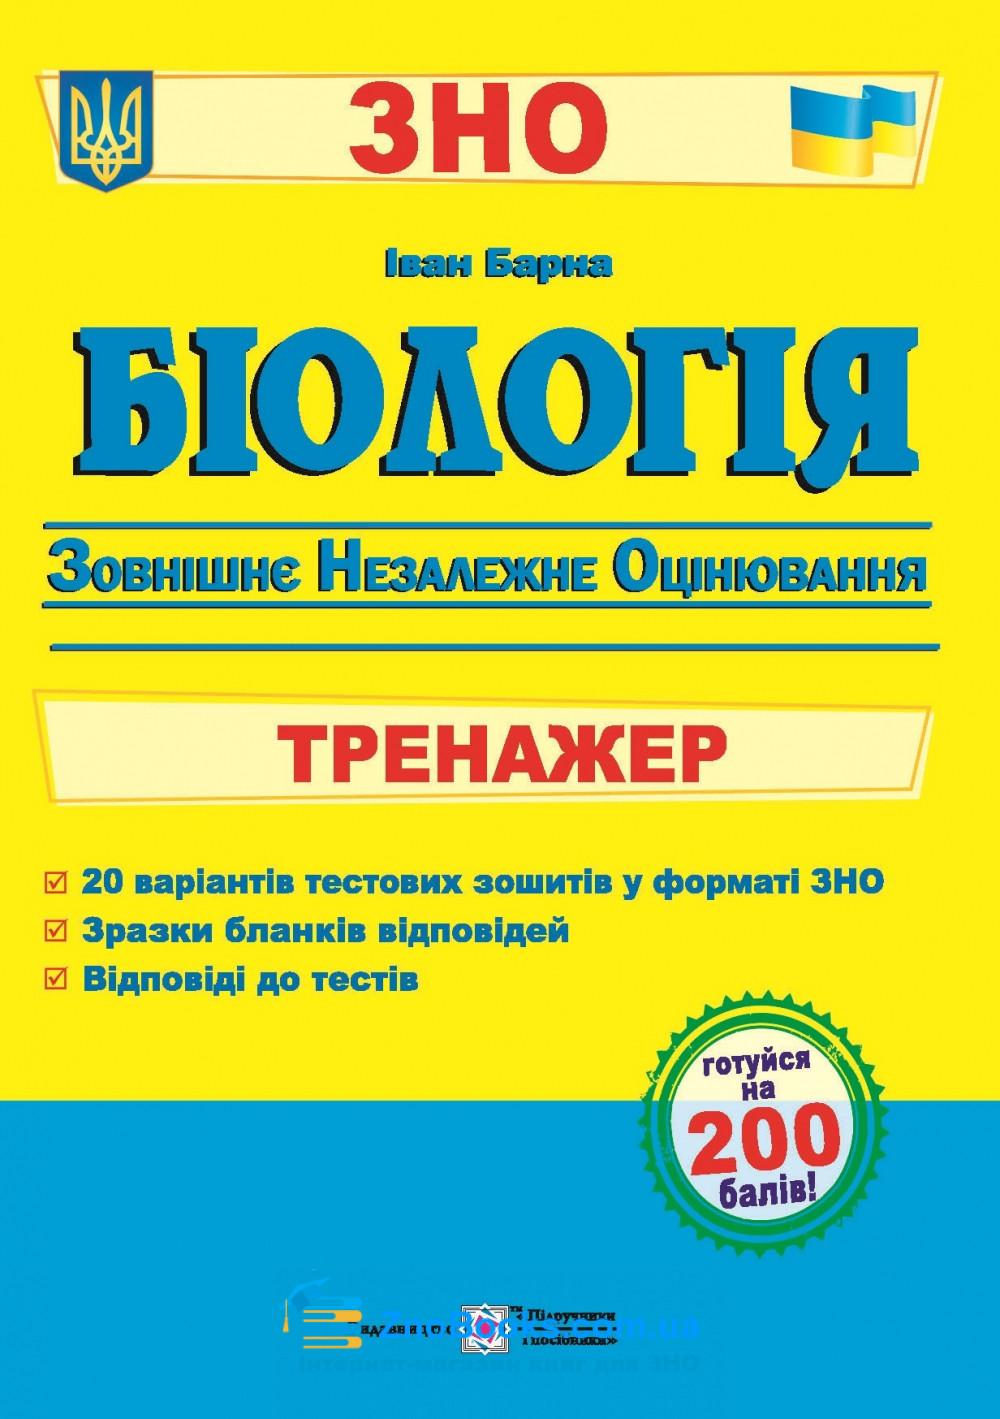 Біологія ЗНО 2022. Комплексне видання + Тренажер /КОМПЛЕКТ/ : Барна І. Підручники і посібники. 4